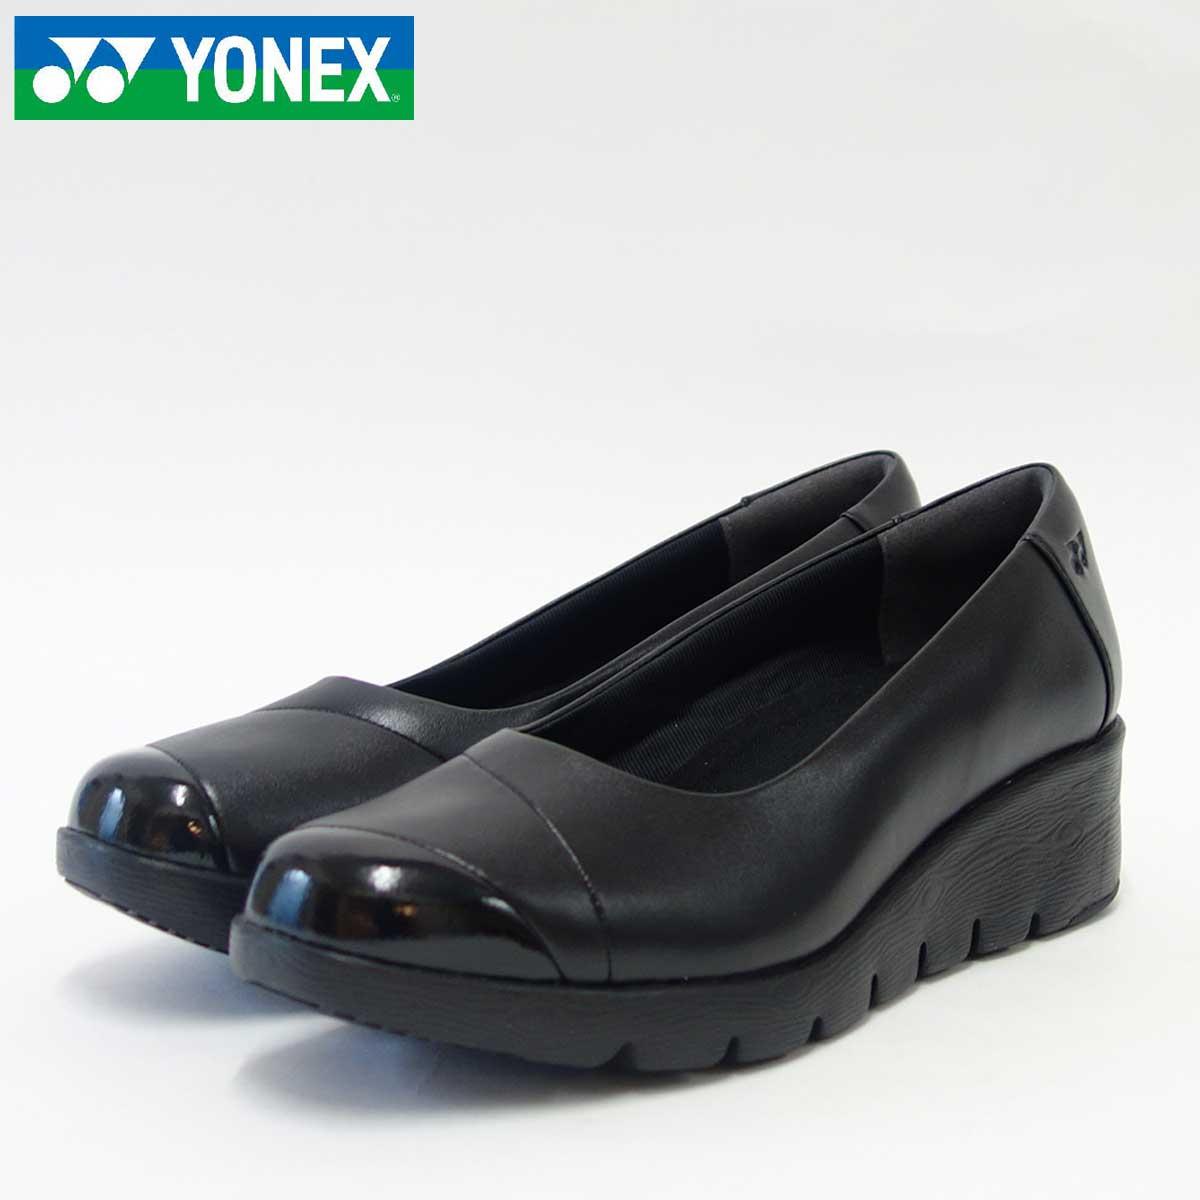 YONEX ヨネックス LC97 ブラック (レディース)軽い疲れにくいウォーキングシューズ「靴」